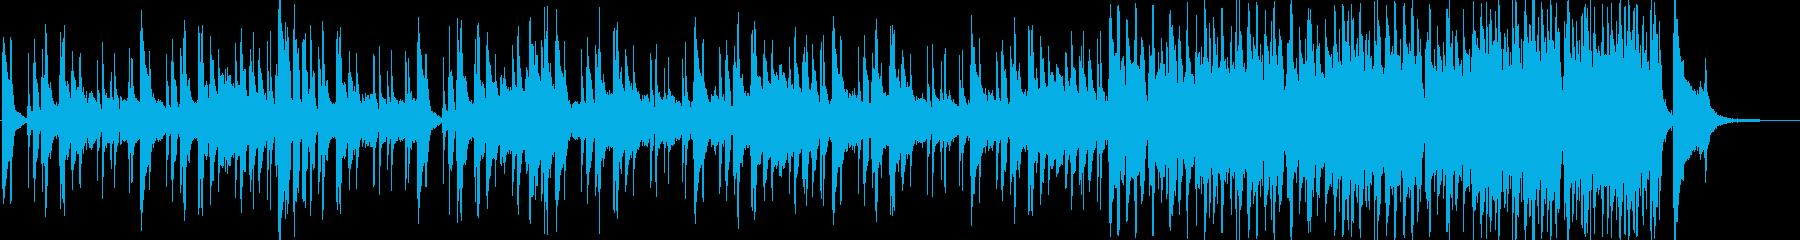 クイズ用カウントダウン音源の再生済みの波形